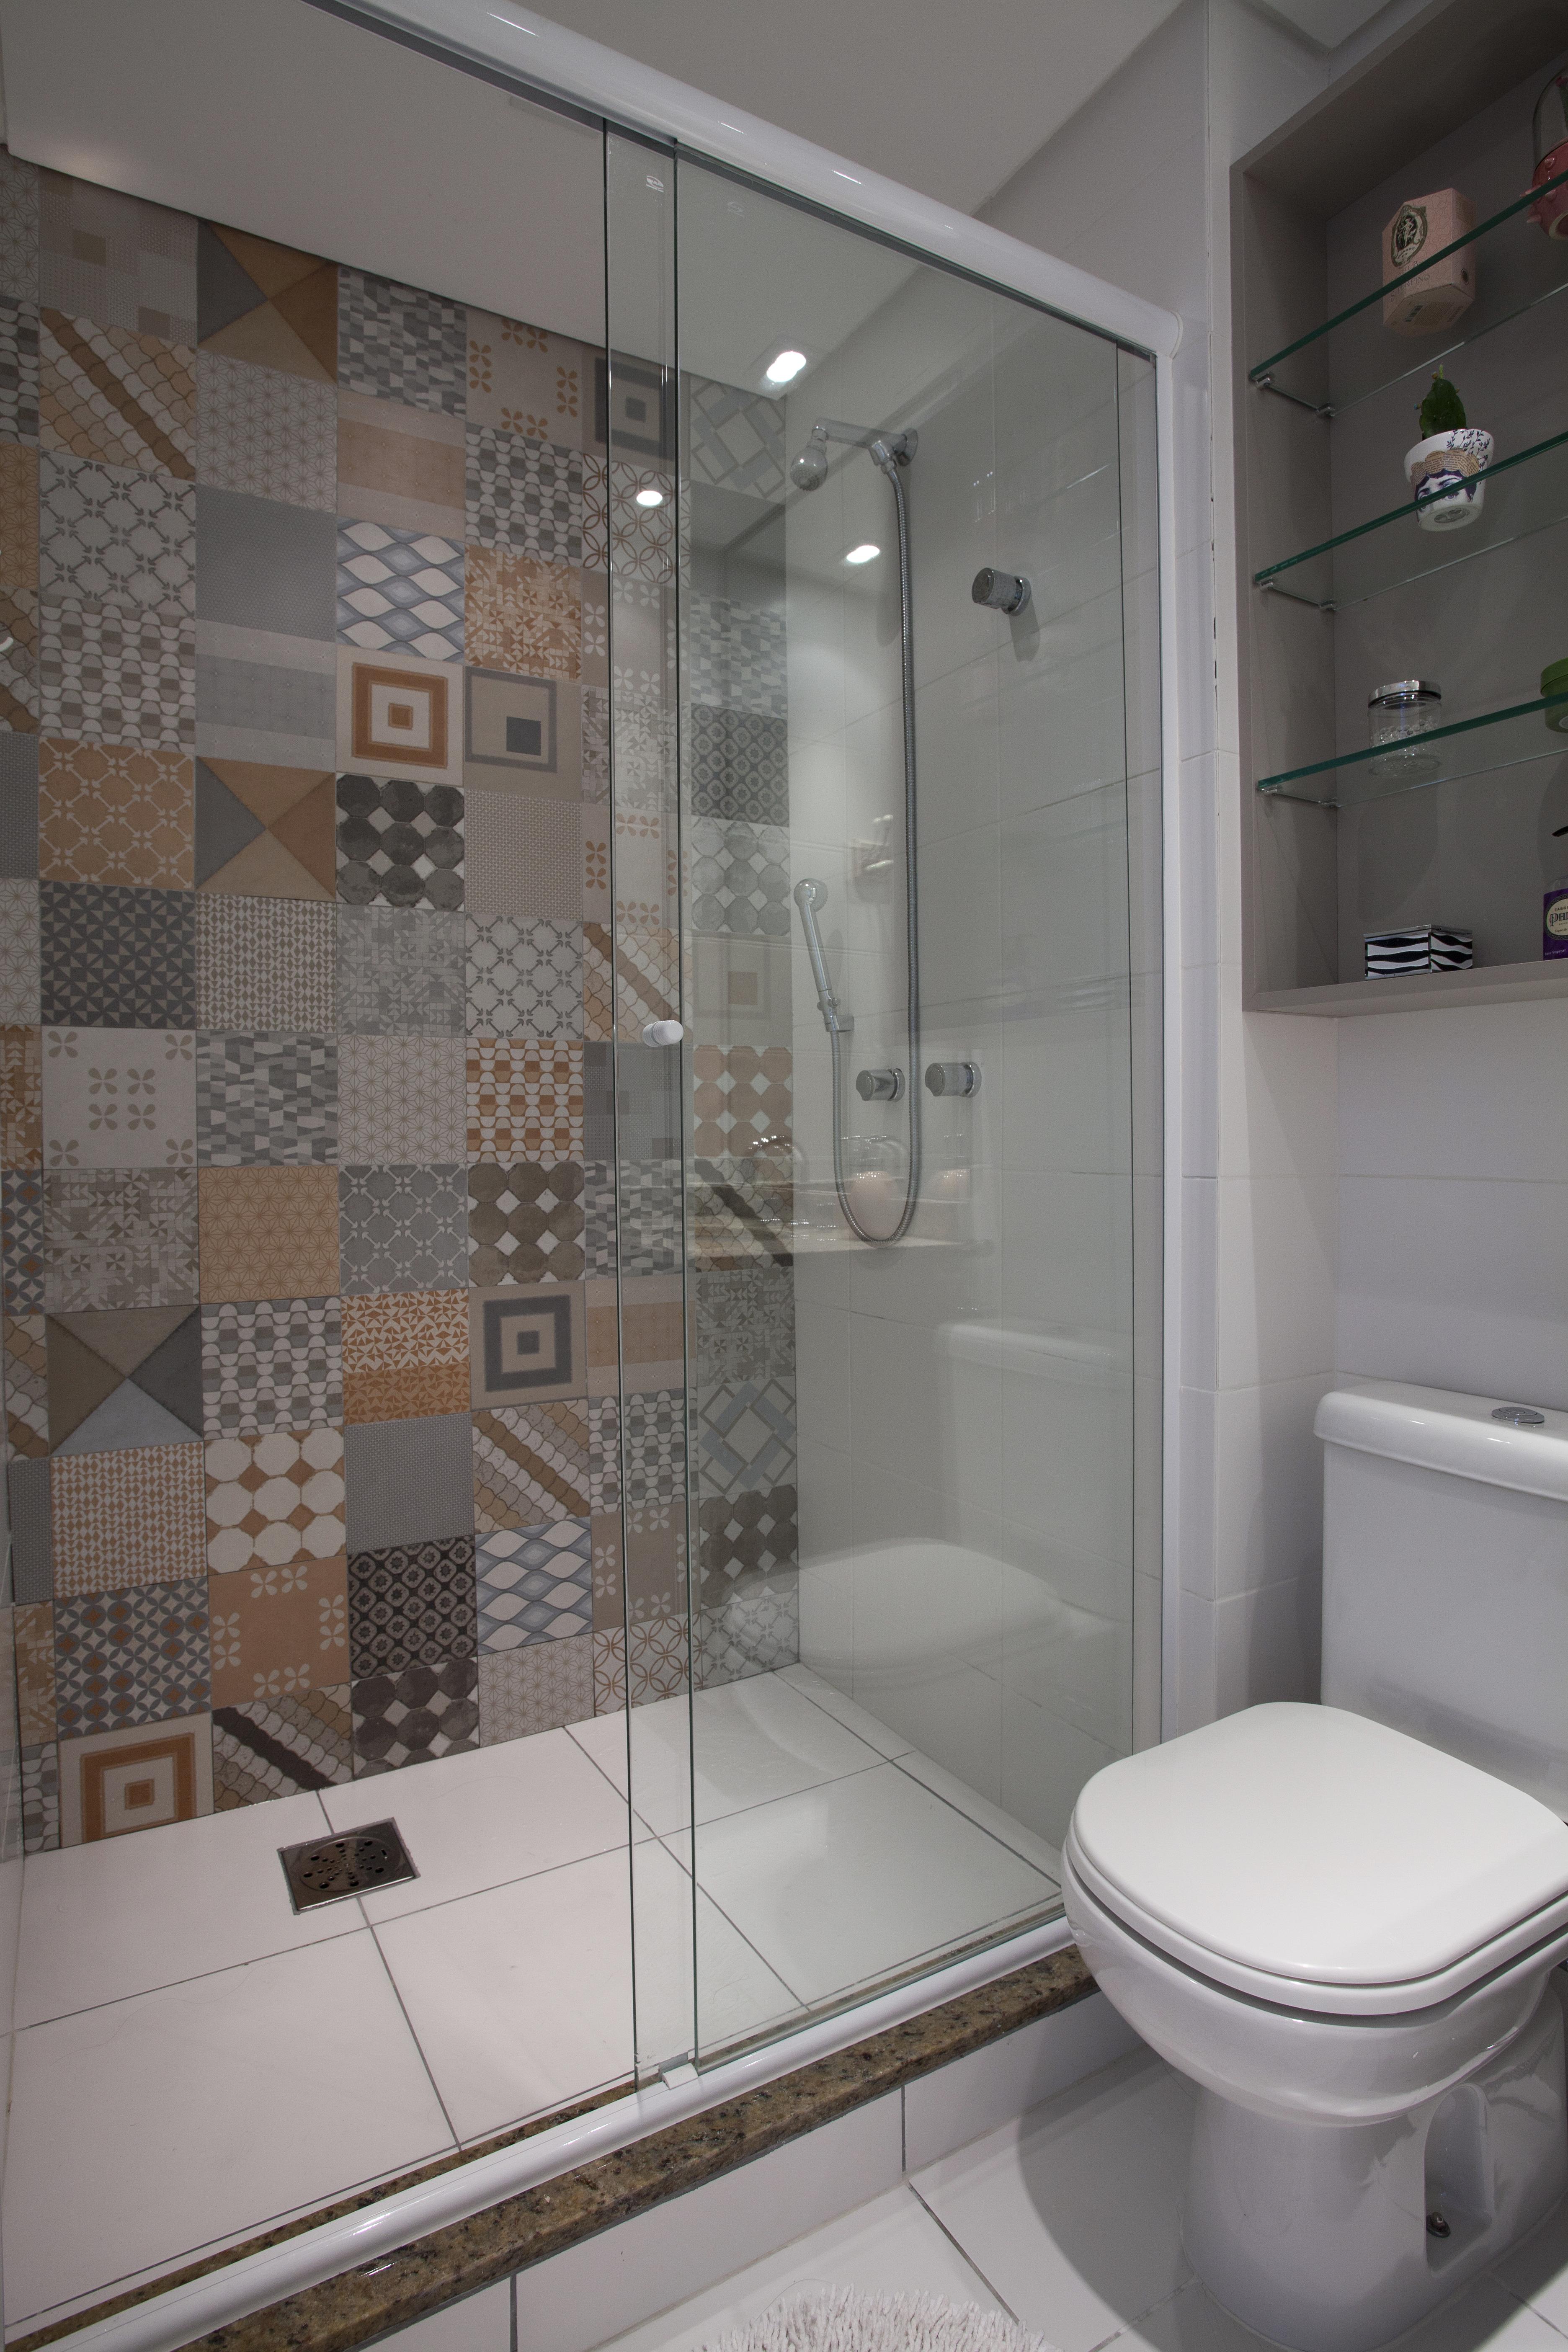 O banheiro não ficou só no branco tradicional. Peças cerâmicas que lembram os ladrilhos hidráulicos foram aplicadas em uma parede inteira.